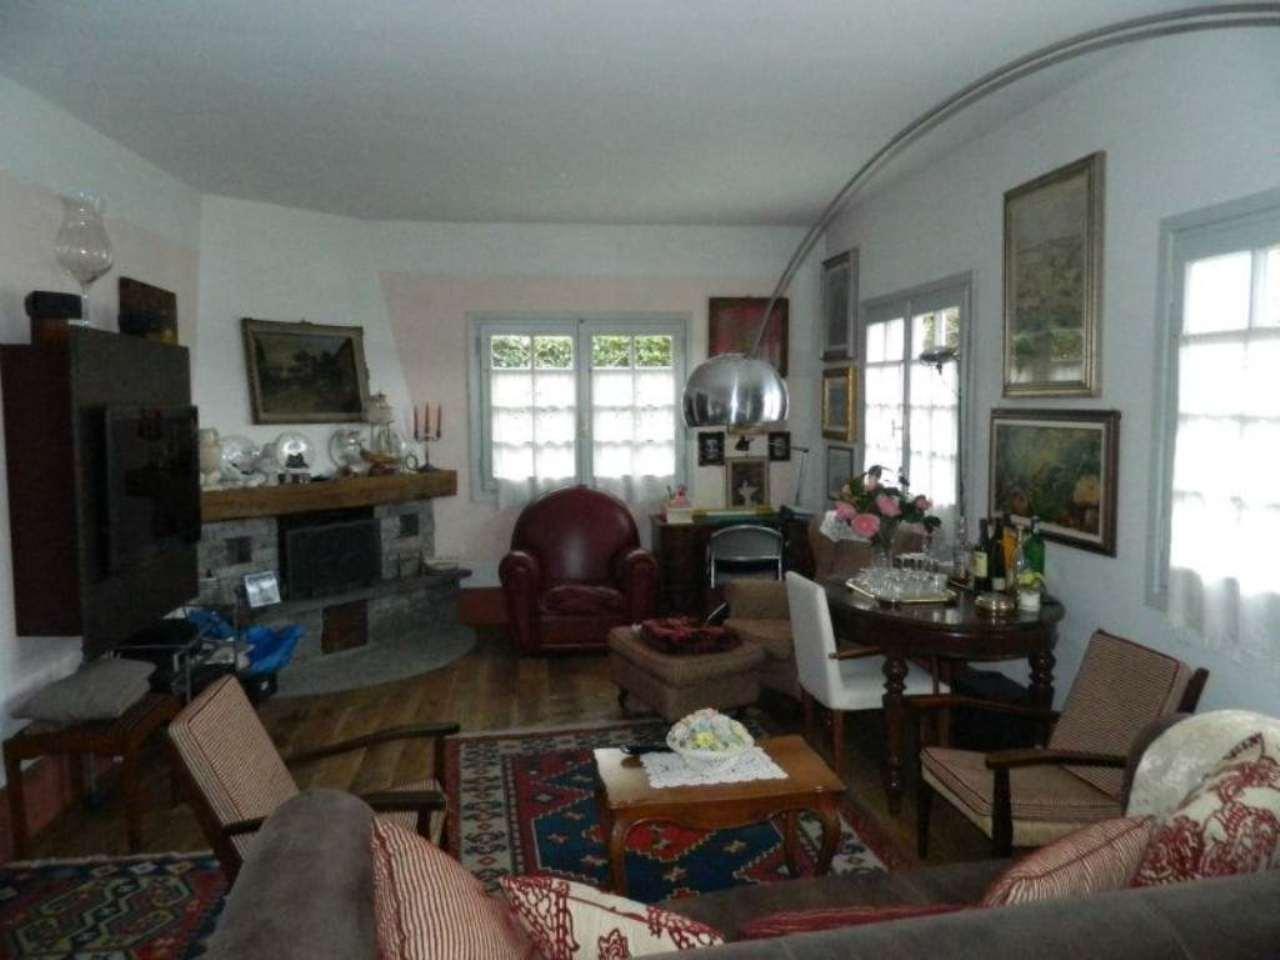 Villa in Vendita a Meina: 5 locali, 150 mq - Foto 3